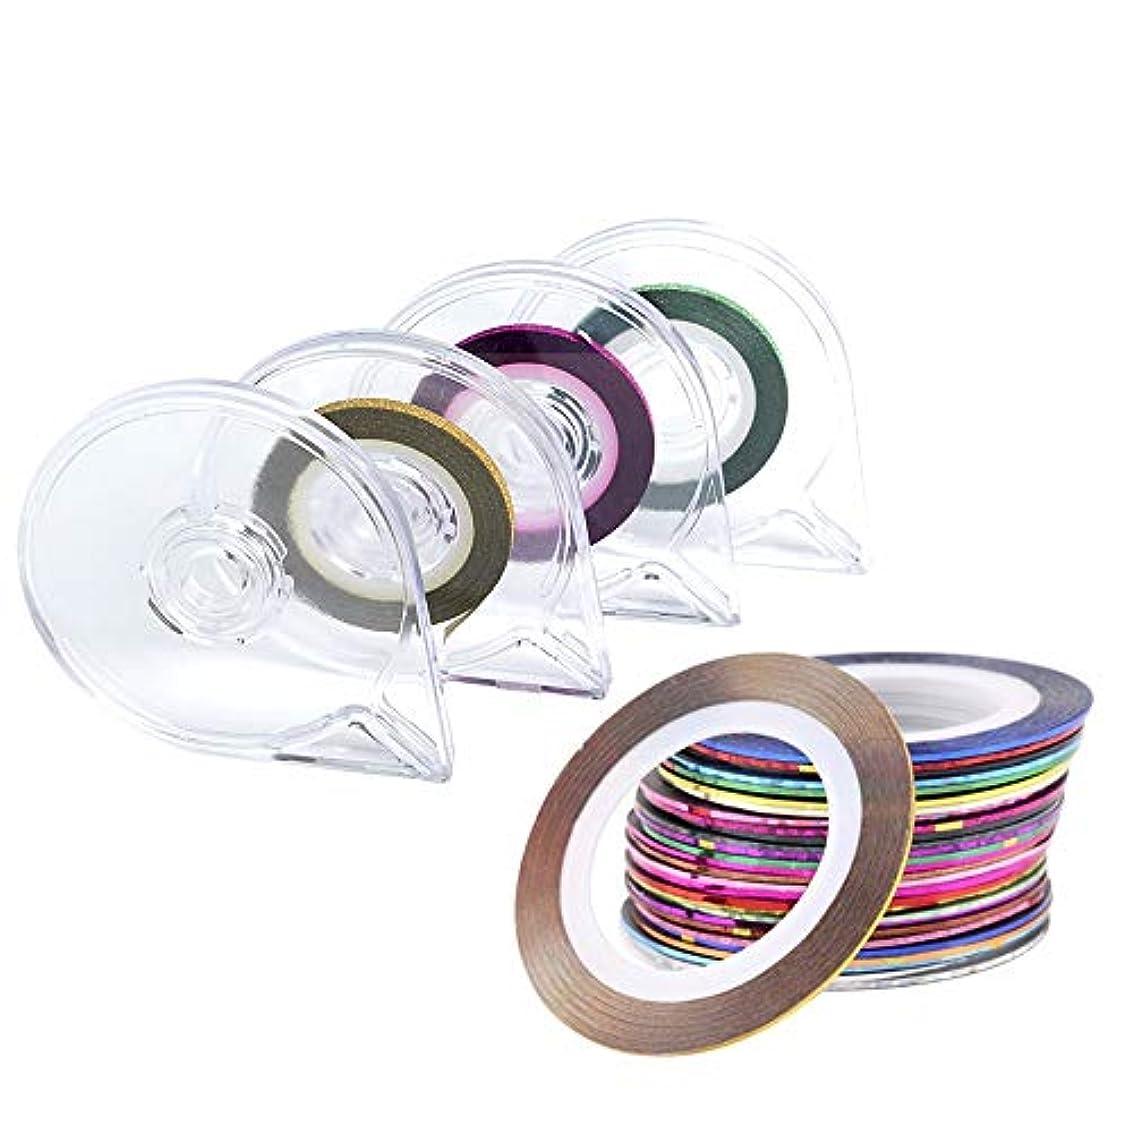 スティック下にゆでるラインテープネイルアート用 ラインテープ シート ジェルネイル用 マニキュア セット ジェルネイル アート用ラインテープ 専用ケース付き 30ピース /セット (Color : Mixed Colour)